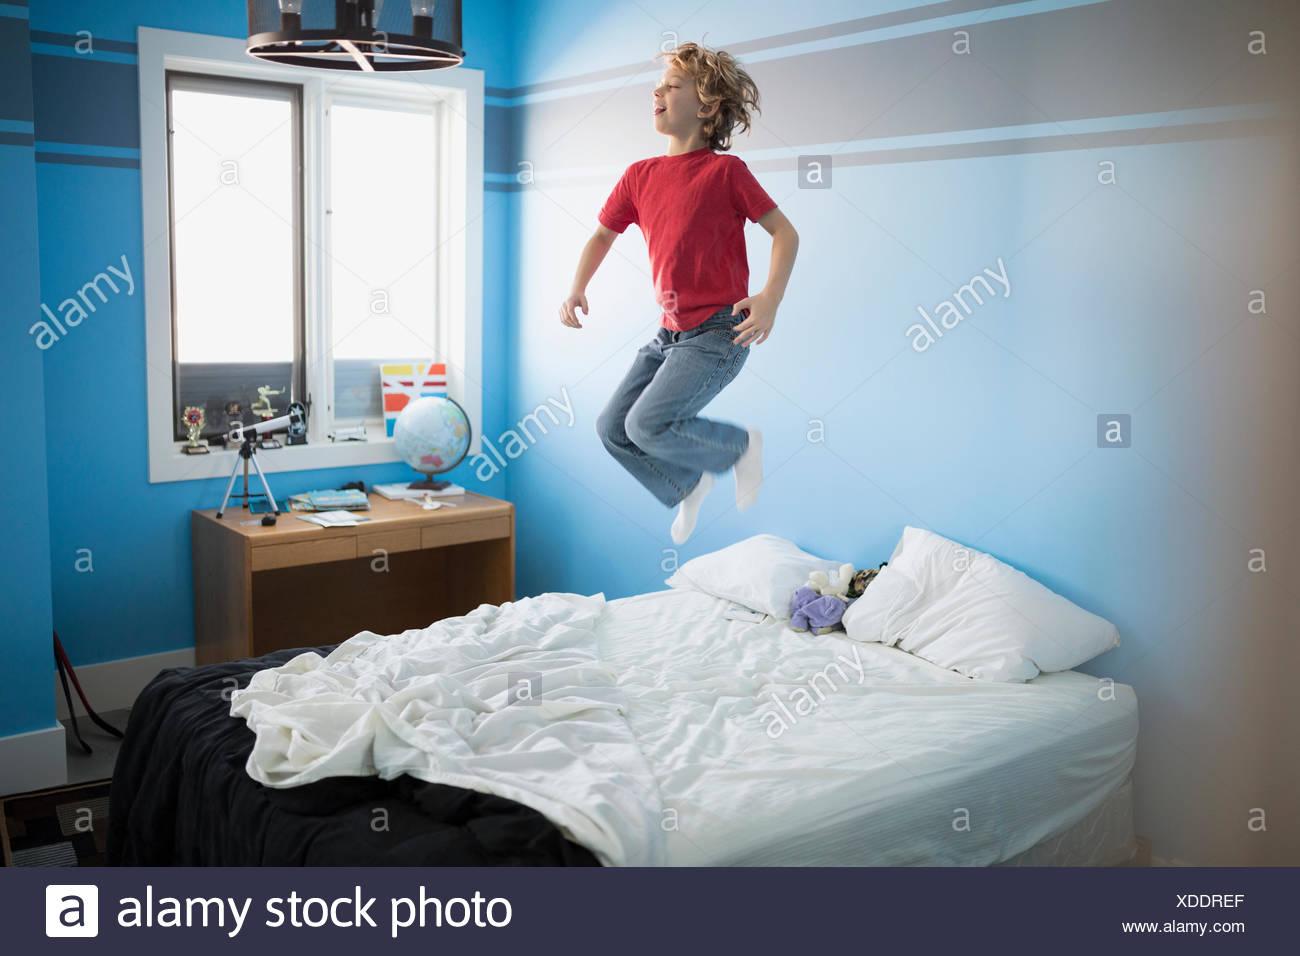 Junge, springen auf Bett Stockbild